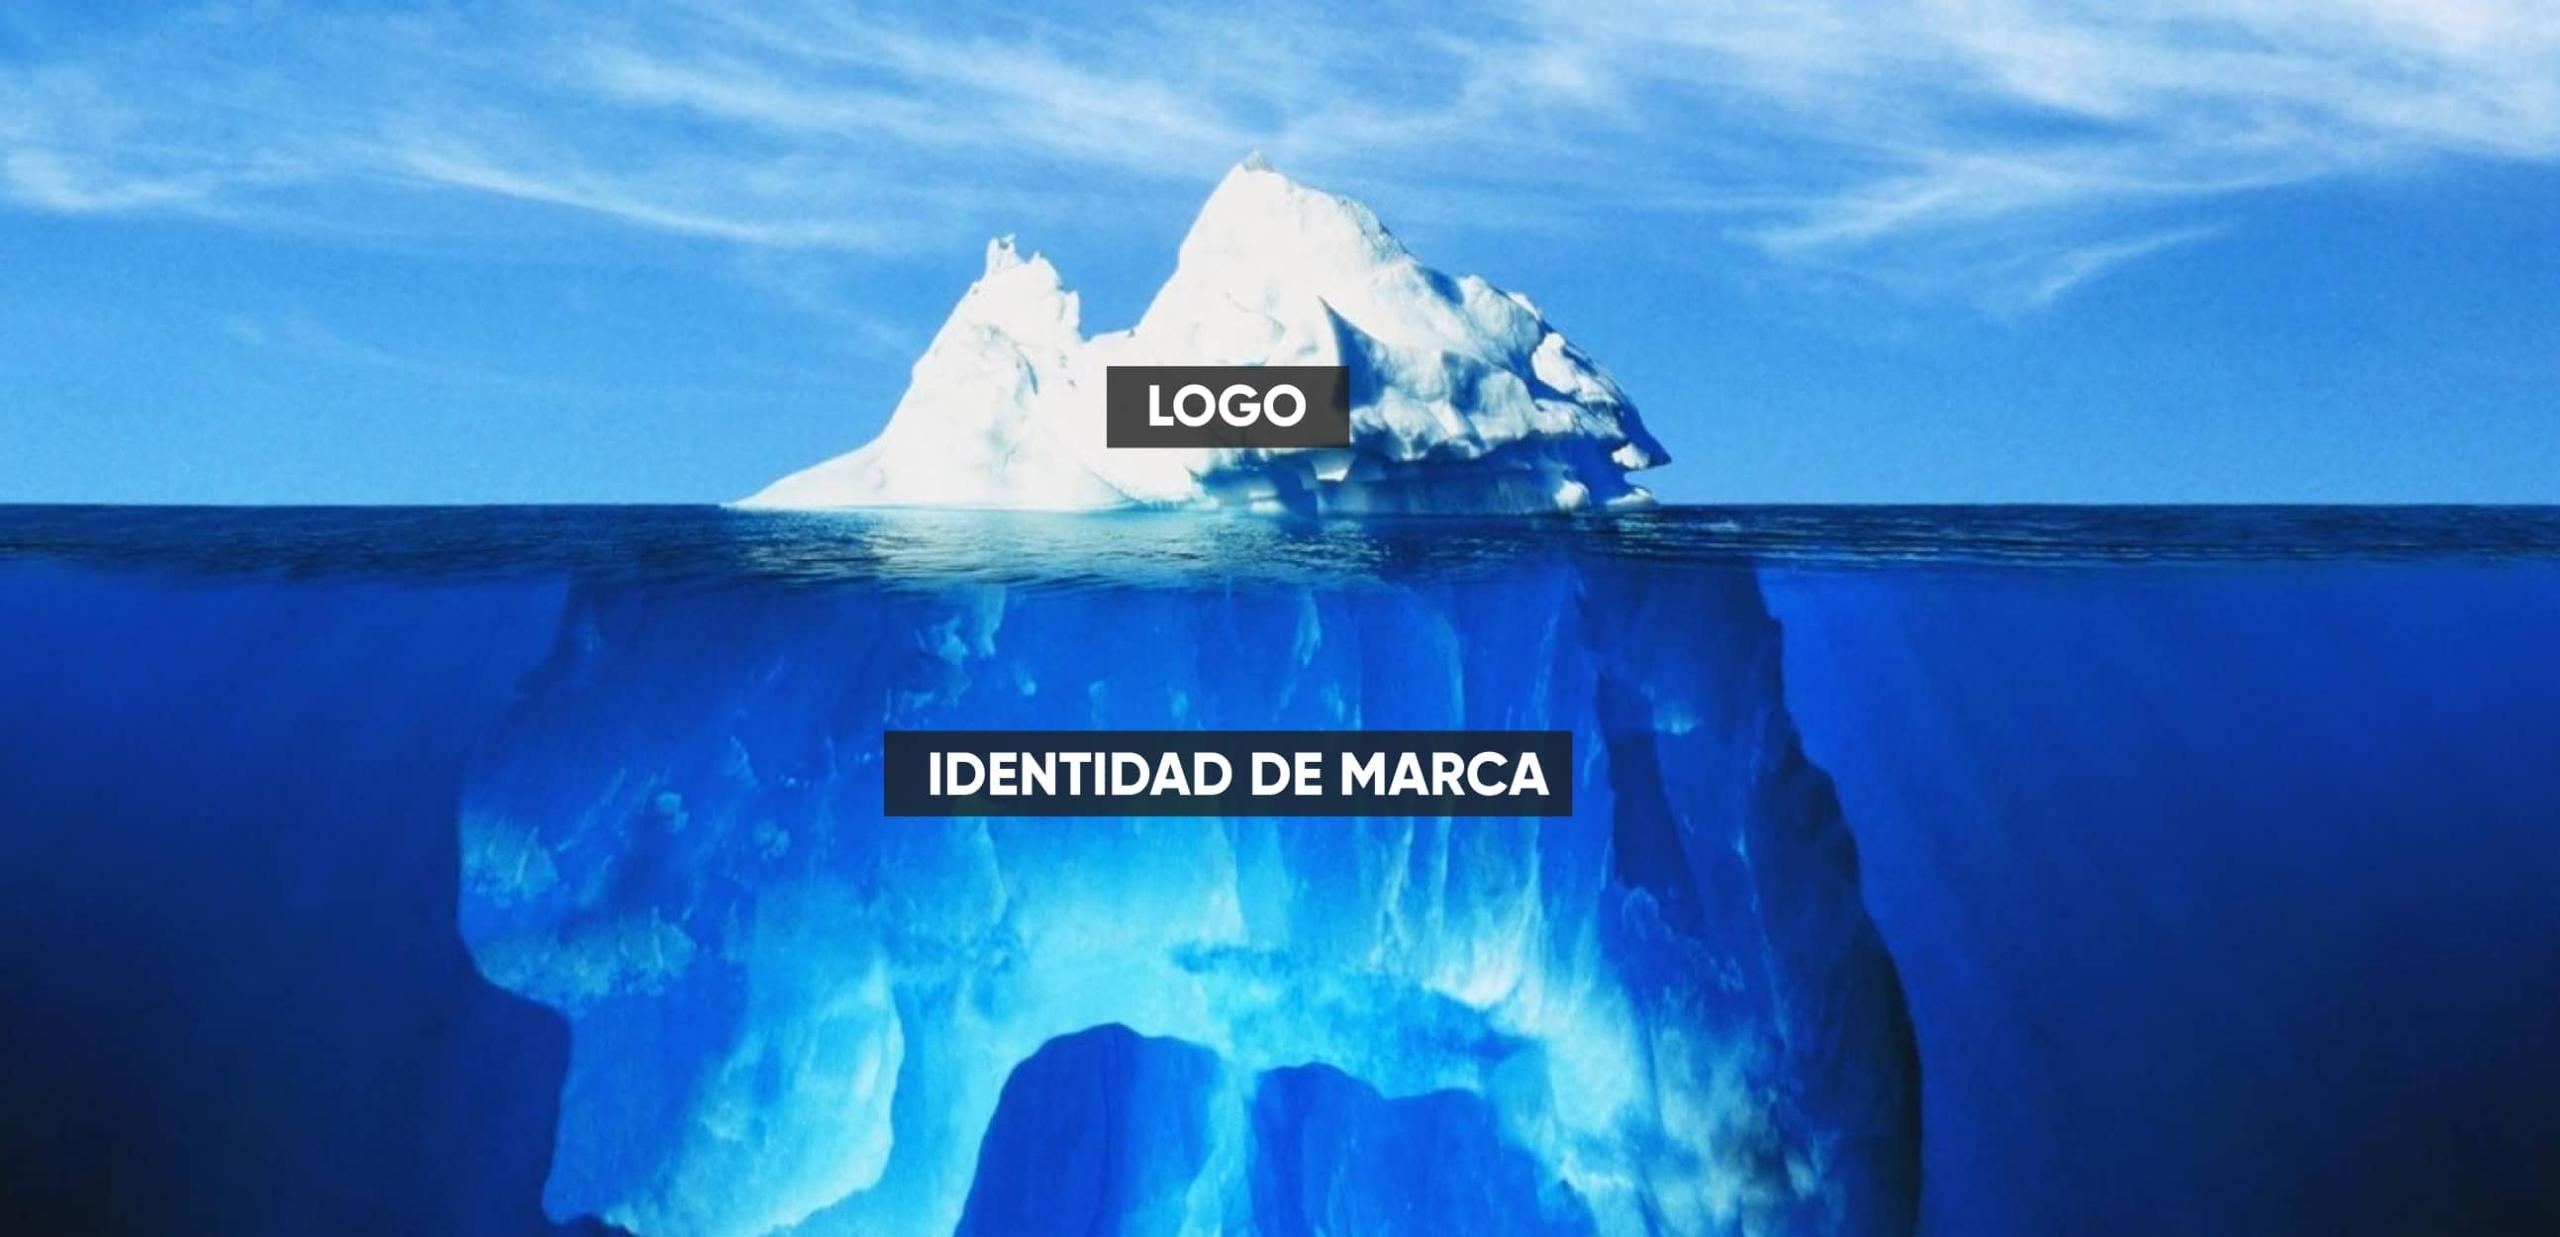 No necesitas un Logo, necesitas una Identidad de Marca